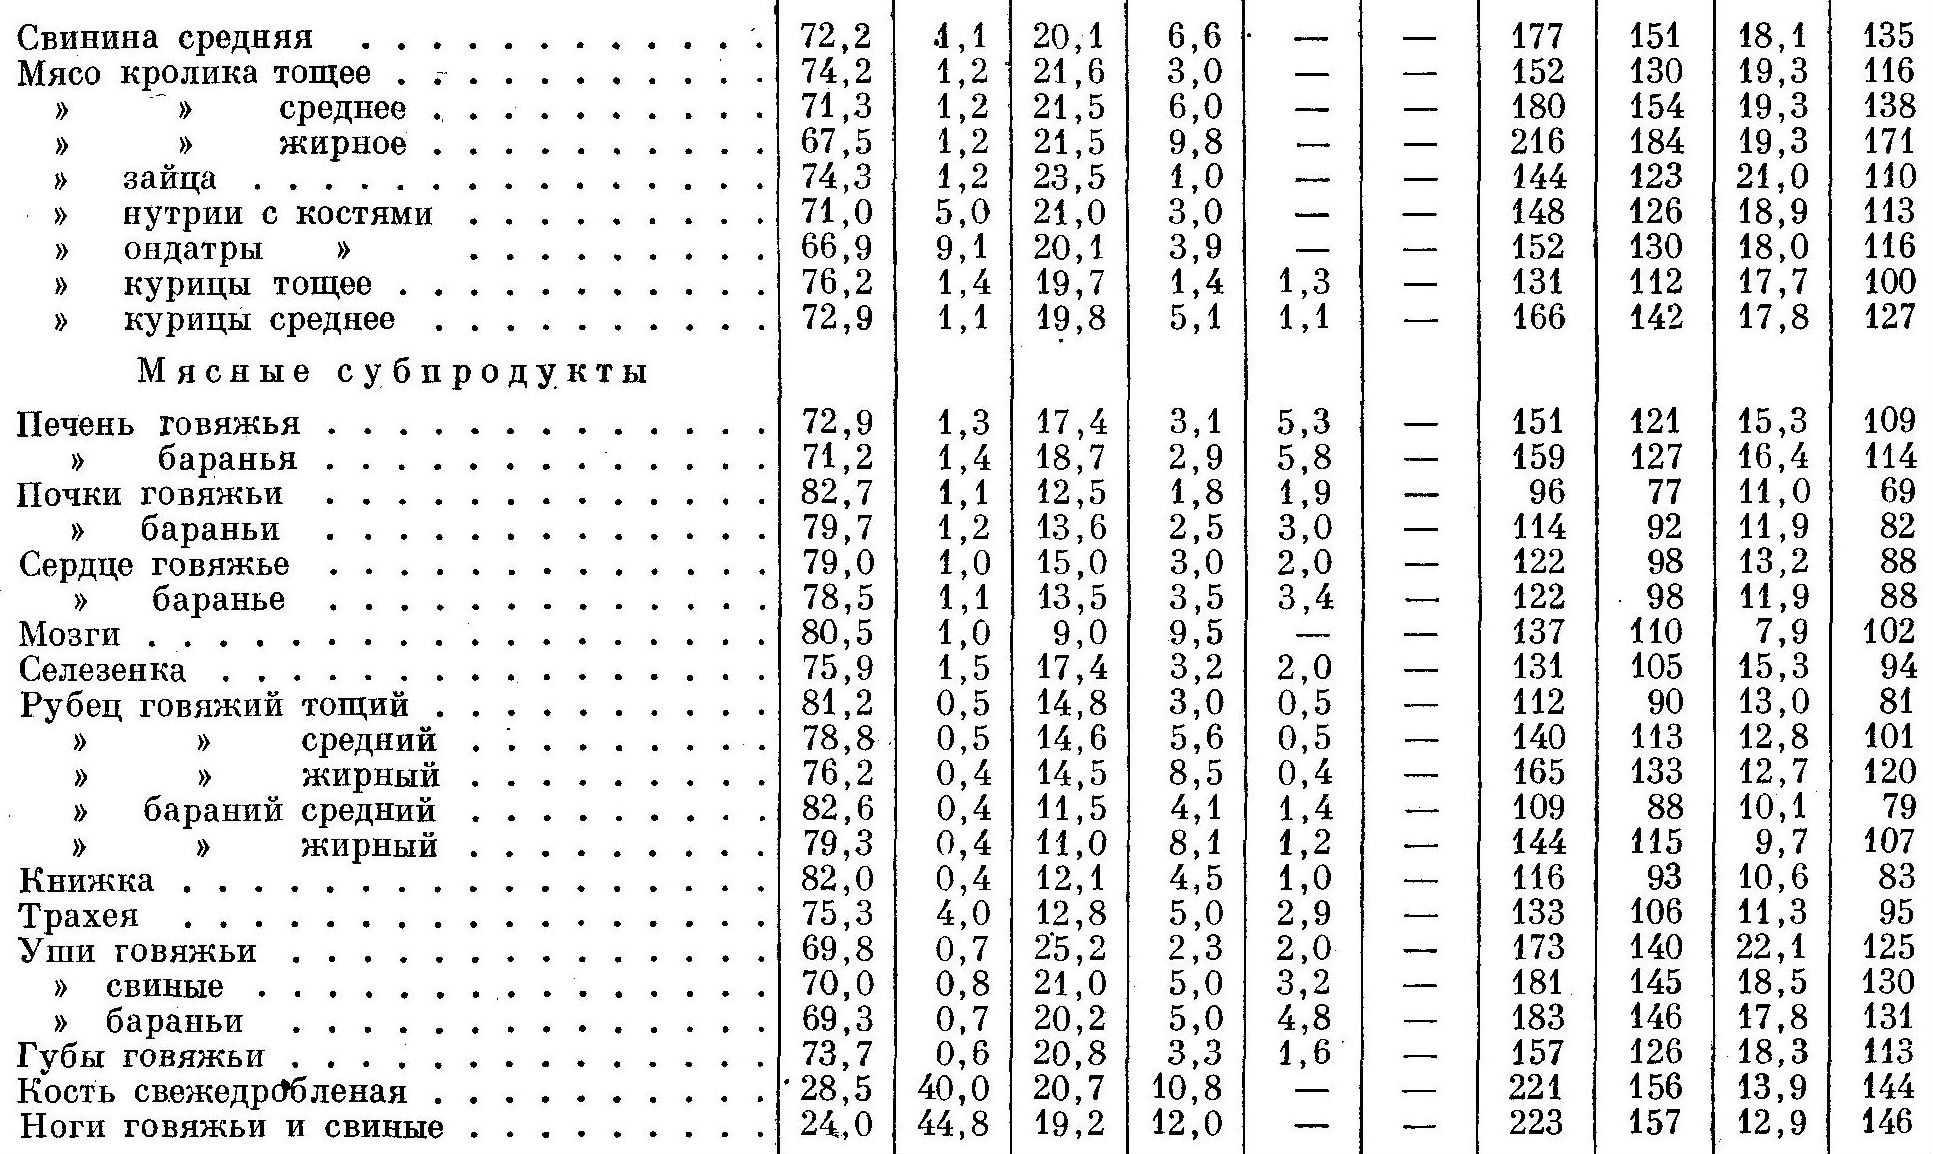 Химический состав кормов для зверей 2